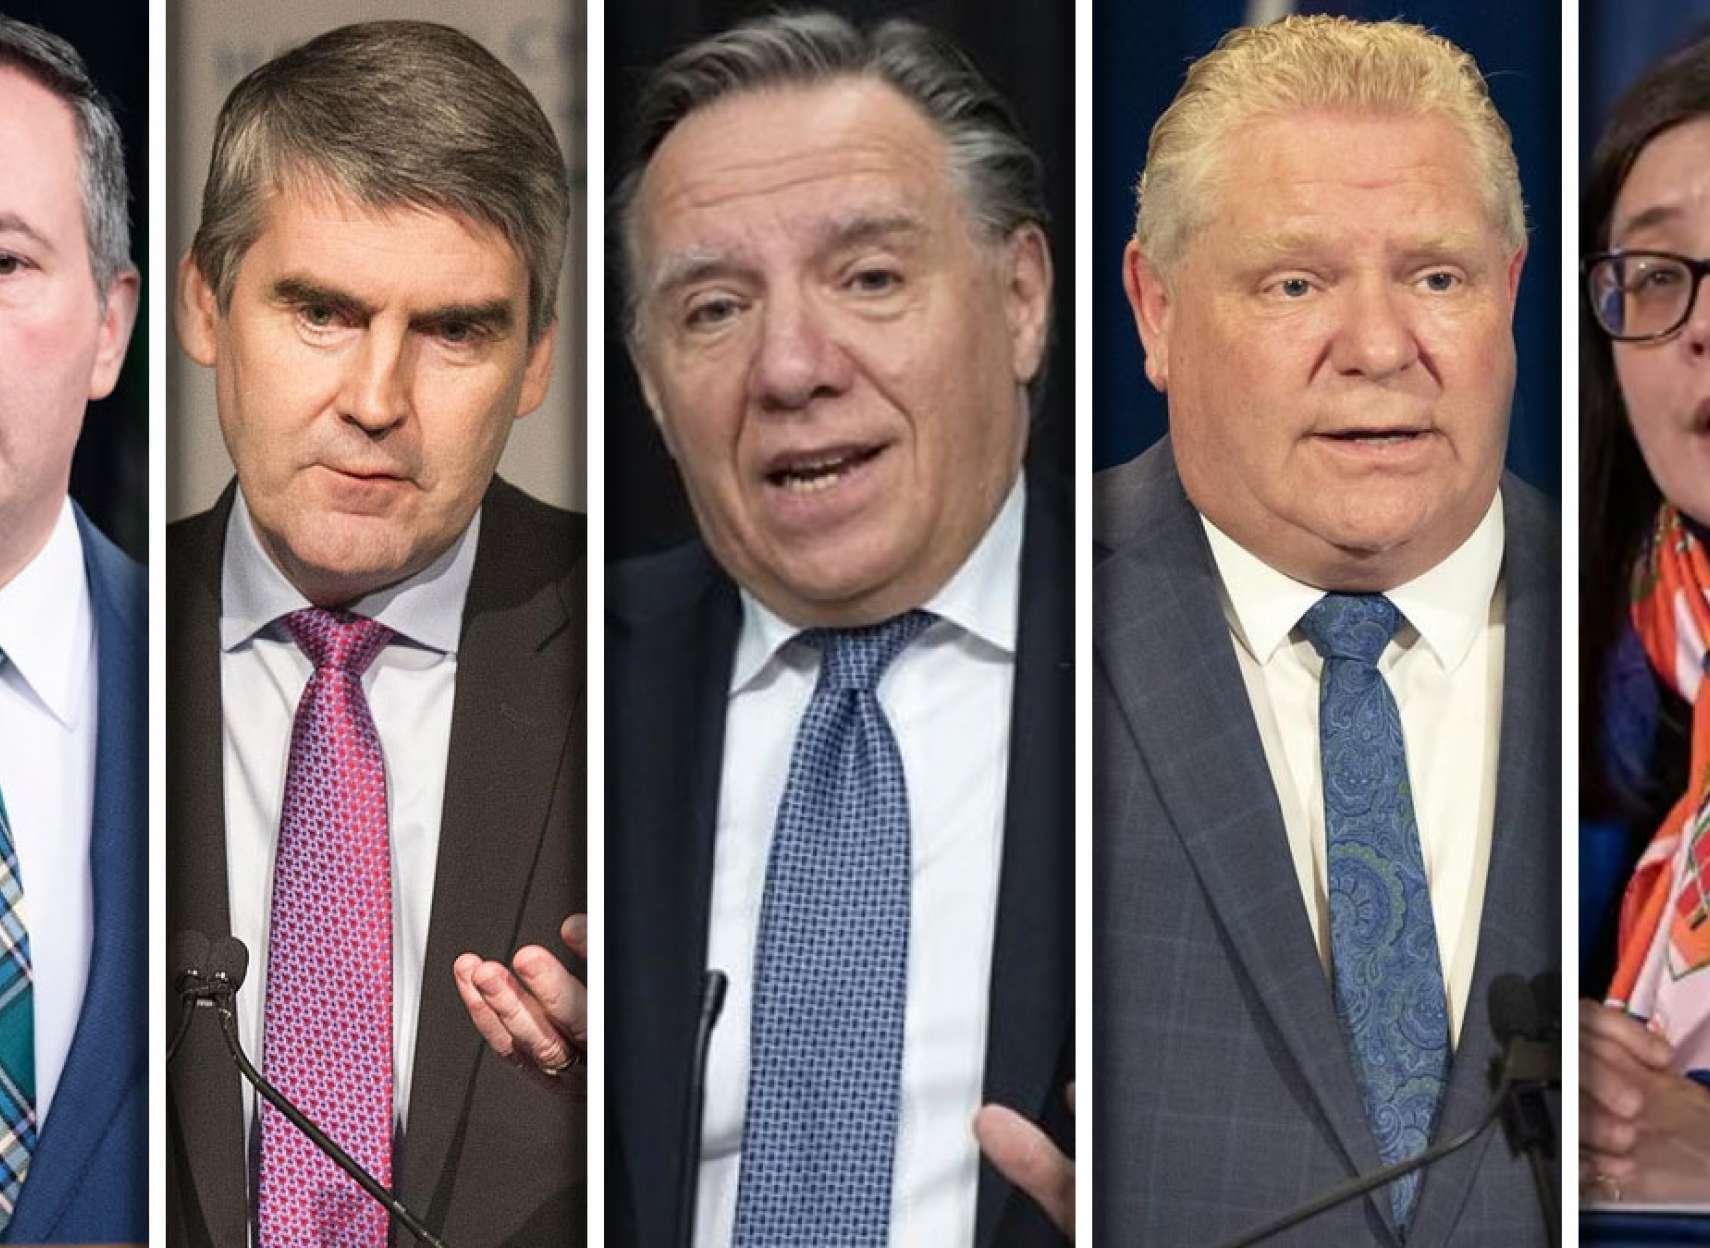 اخبار-کانادا-انتاریو-با-مخالفت-تورنتو-بازگشایی-می-شود-کبک-و-آلبرتا-و-نوااسکوشیا-از-امروز-بازگشایی-شدند